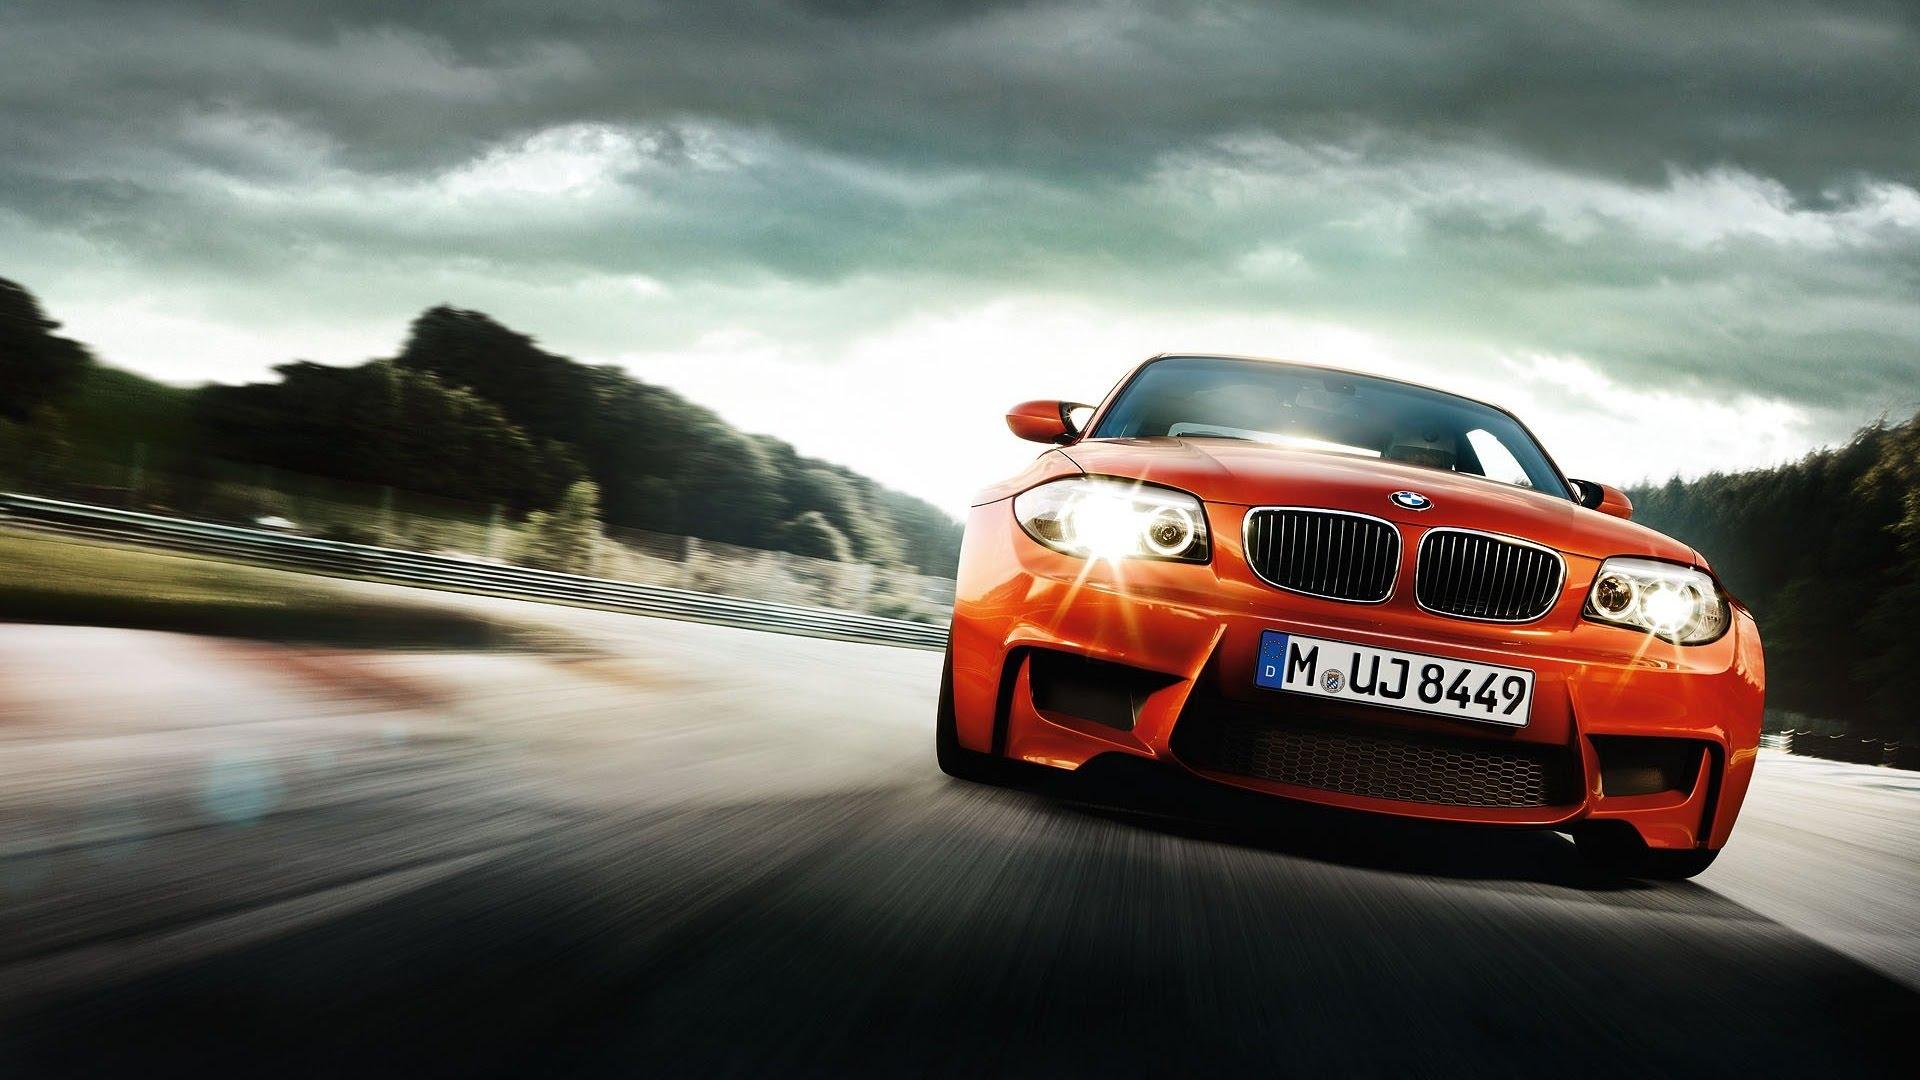 بالصور ماركات سيارات فخمة , صور احدث السيارات والماركات الفخمة 5363 3